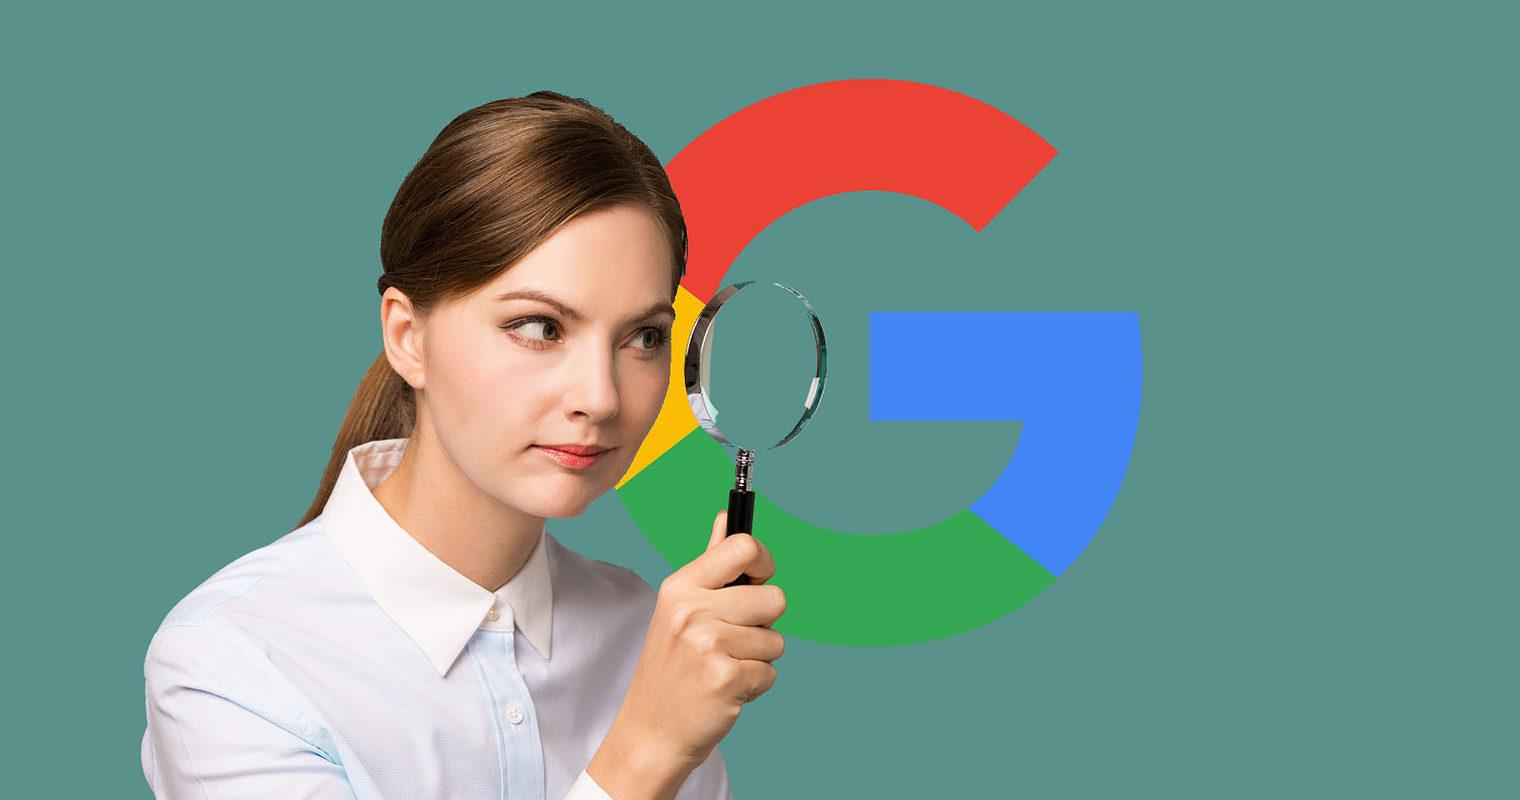 Google's SMITH Algorithm Outperforms BERT